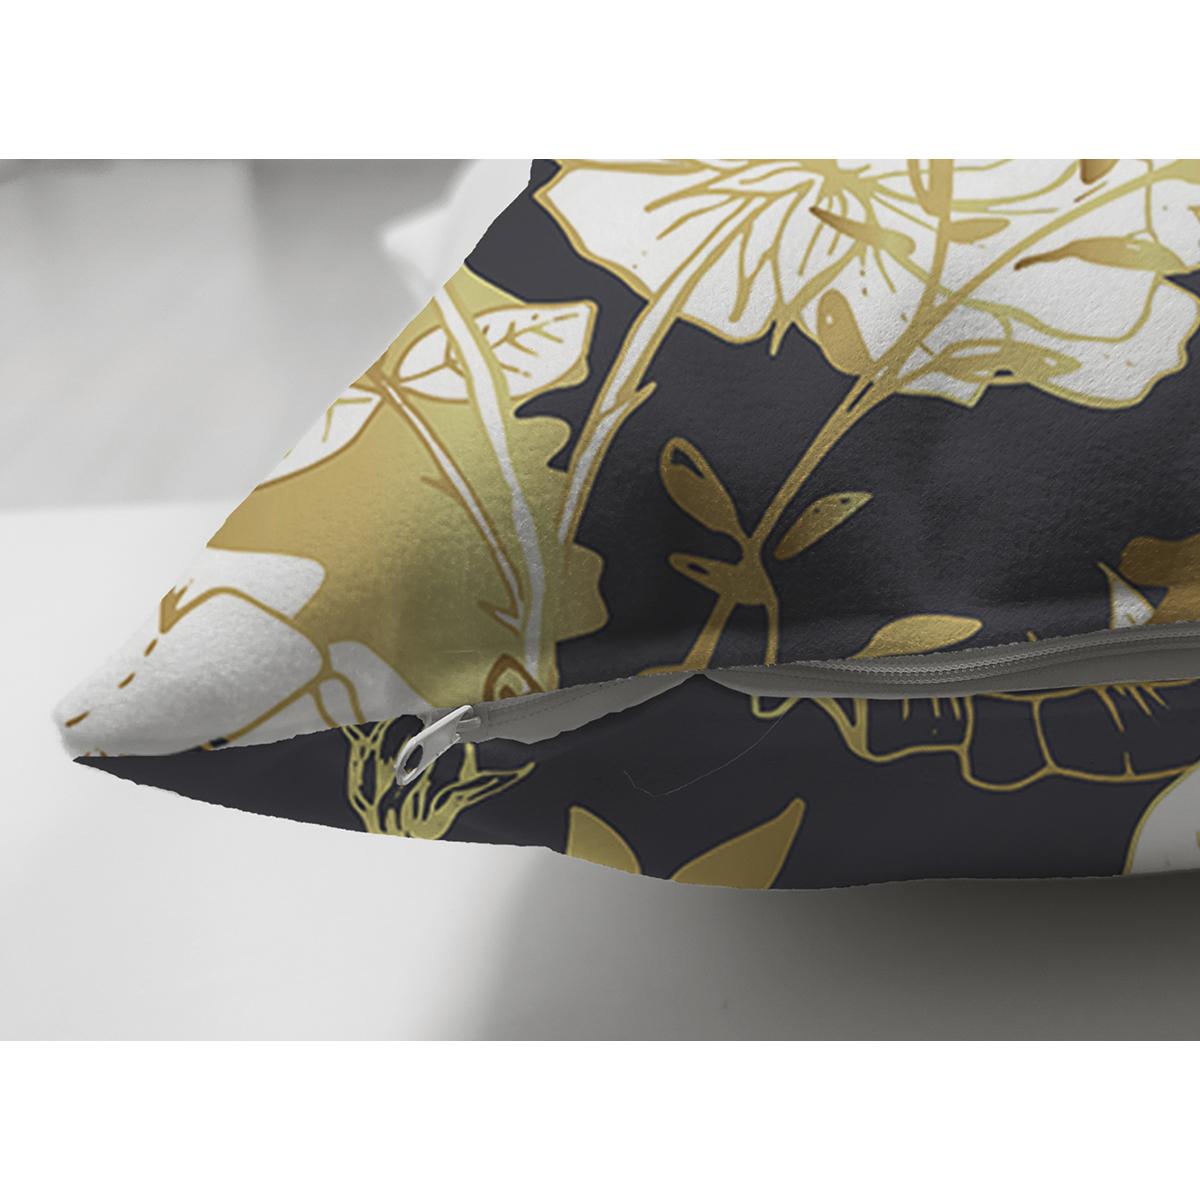 Çift Taraflı Sıyah Zeminli Gold Detaylı Gul Yaprakları Süet Yastık Kırlent Kılıfı Realhomes